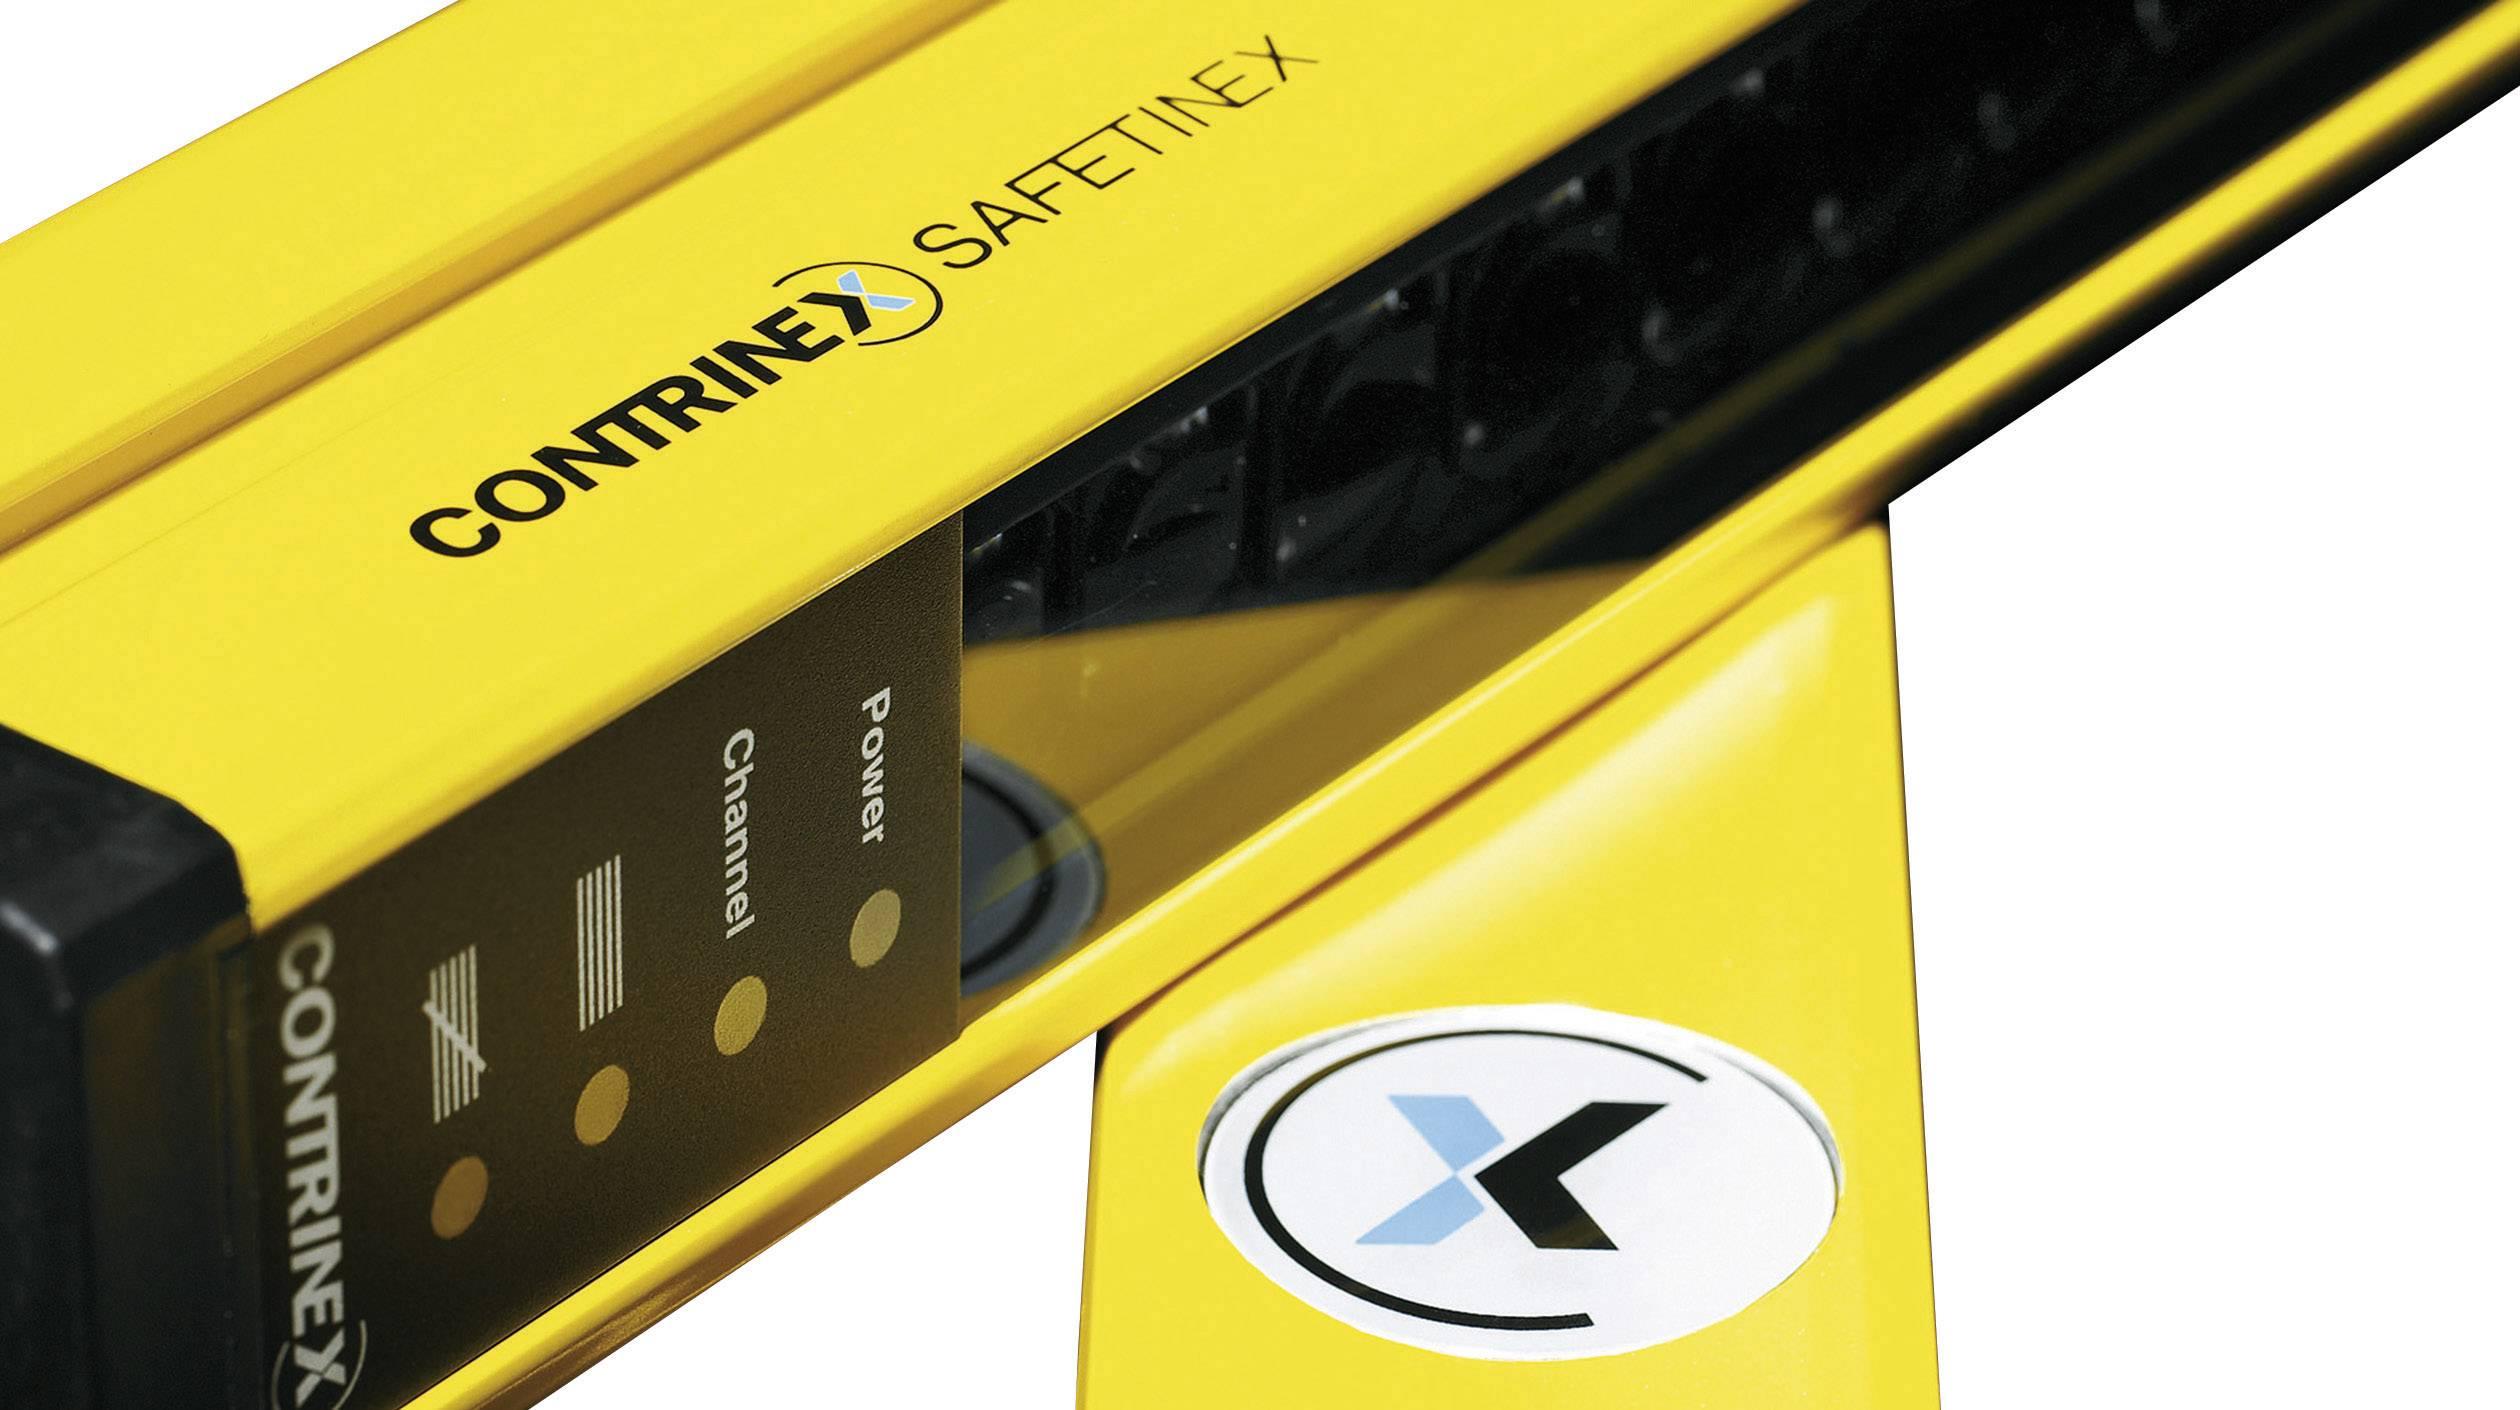 Contrinex YBB-30S4-0900-G012 630 000 591